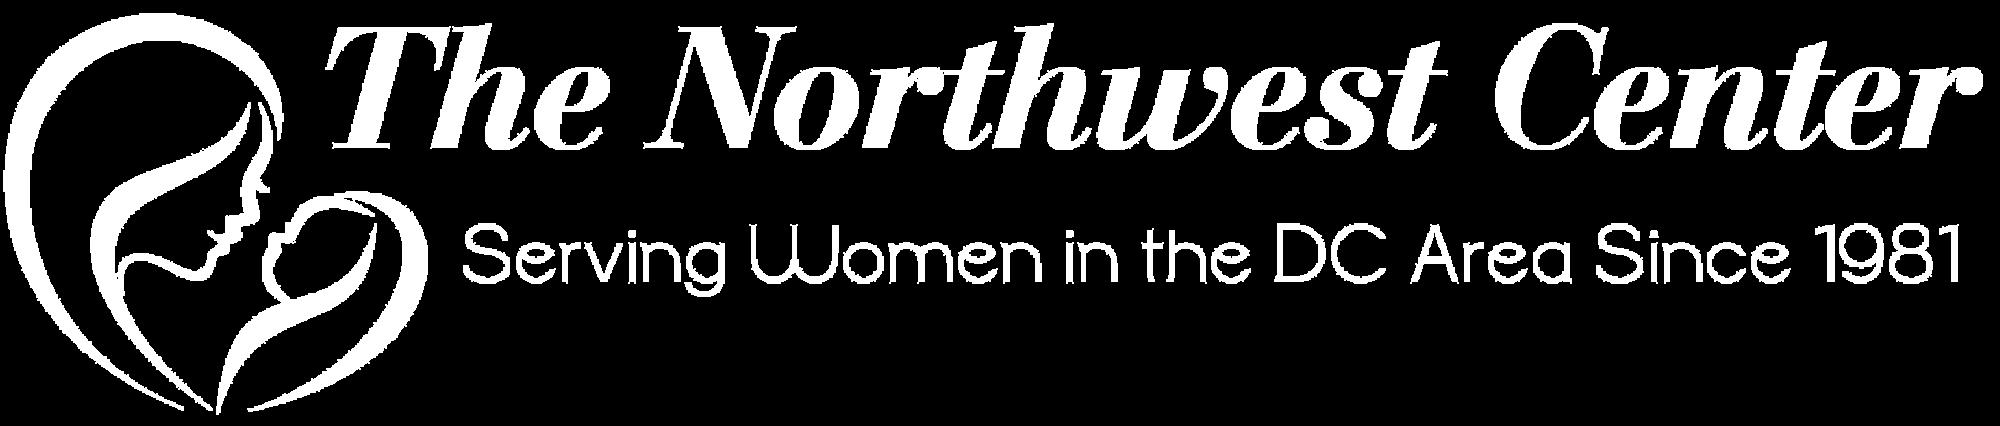 The Northwest Center